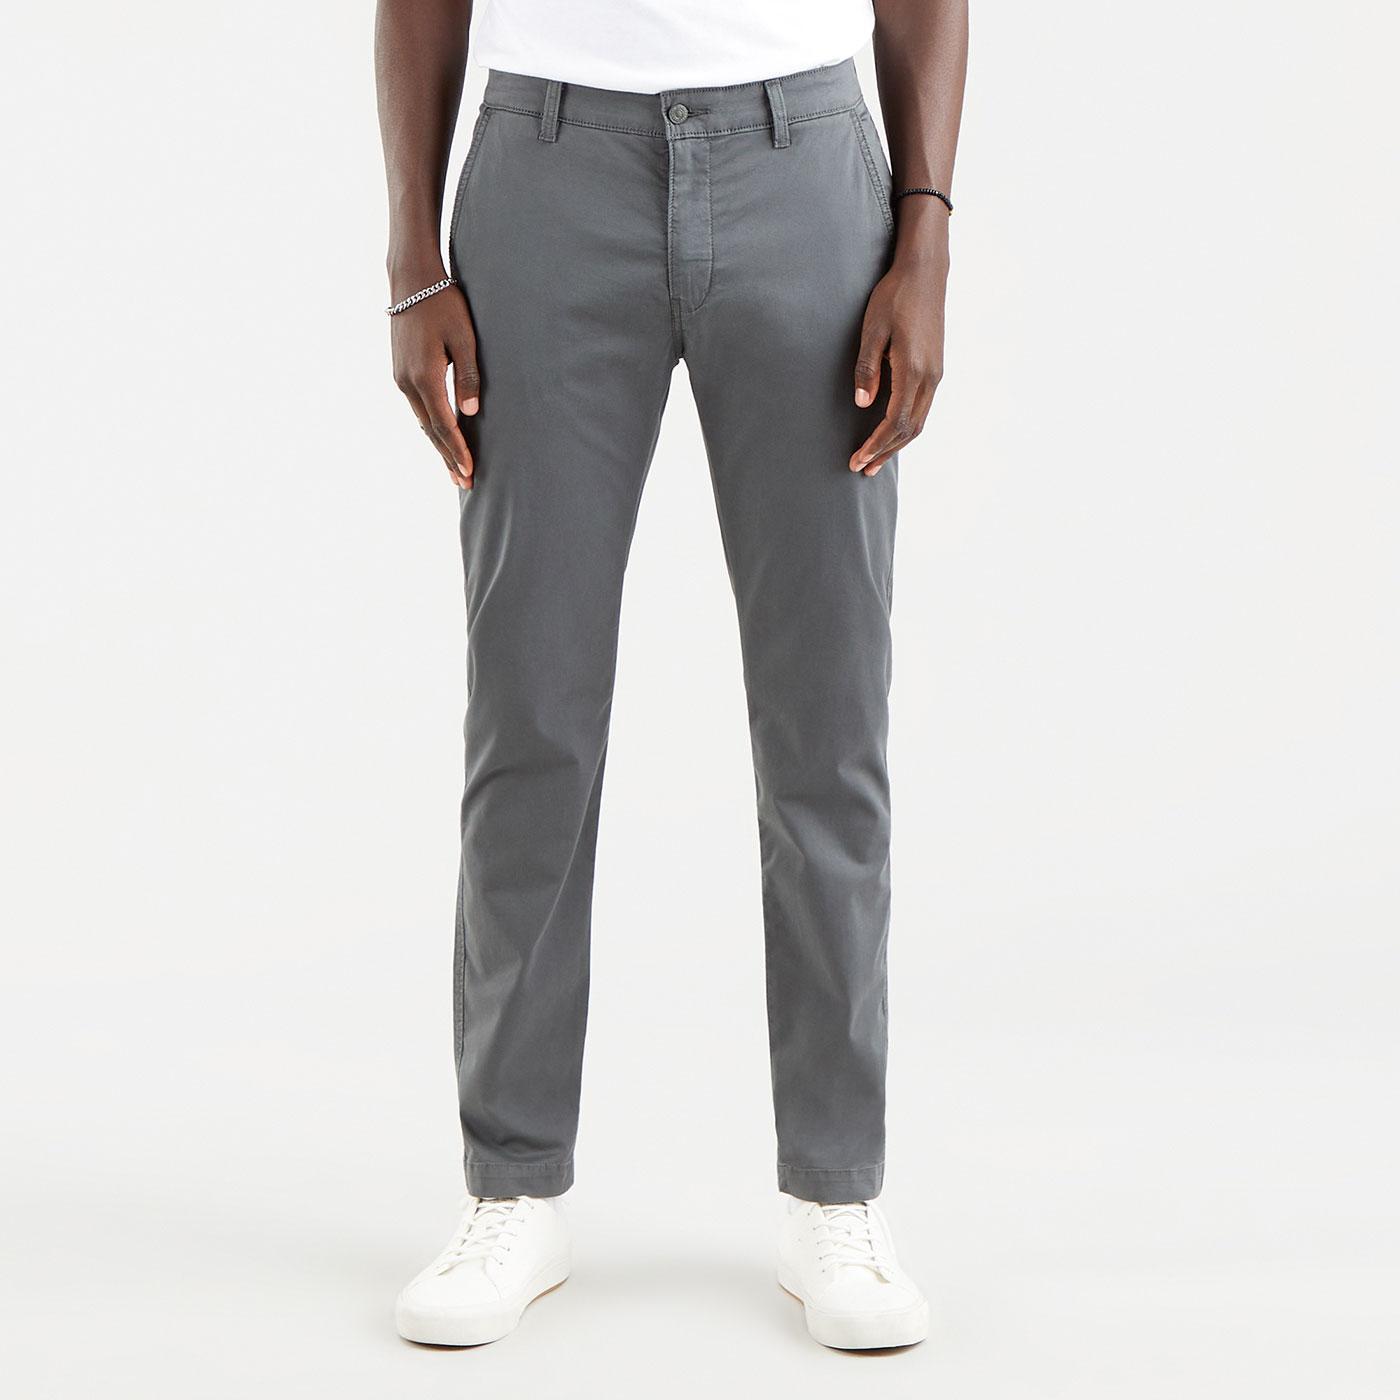 LEVI'S XX Chino Slim Taper Twill Trousers (Grey)